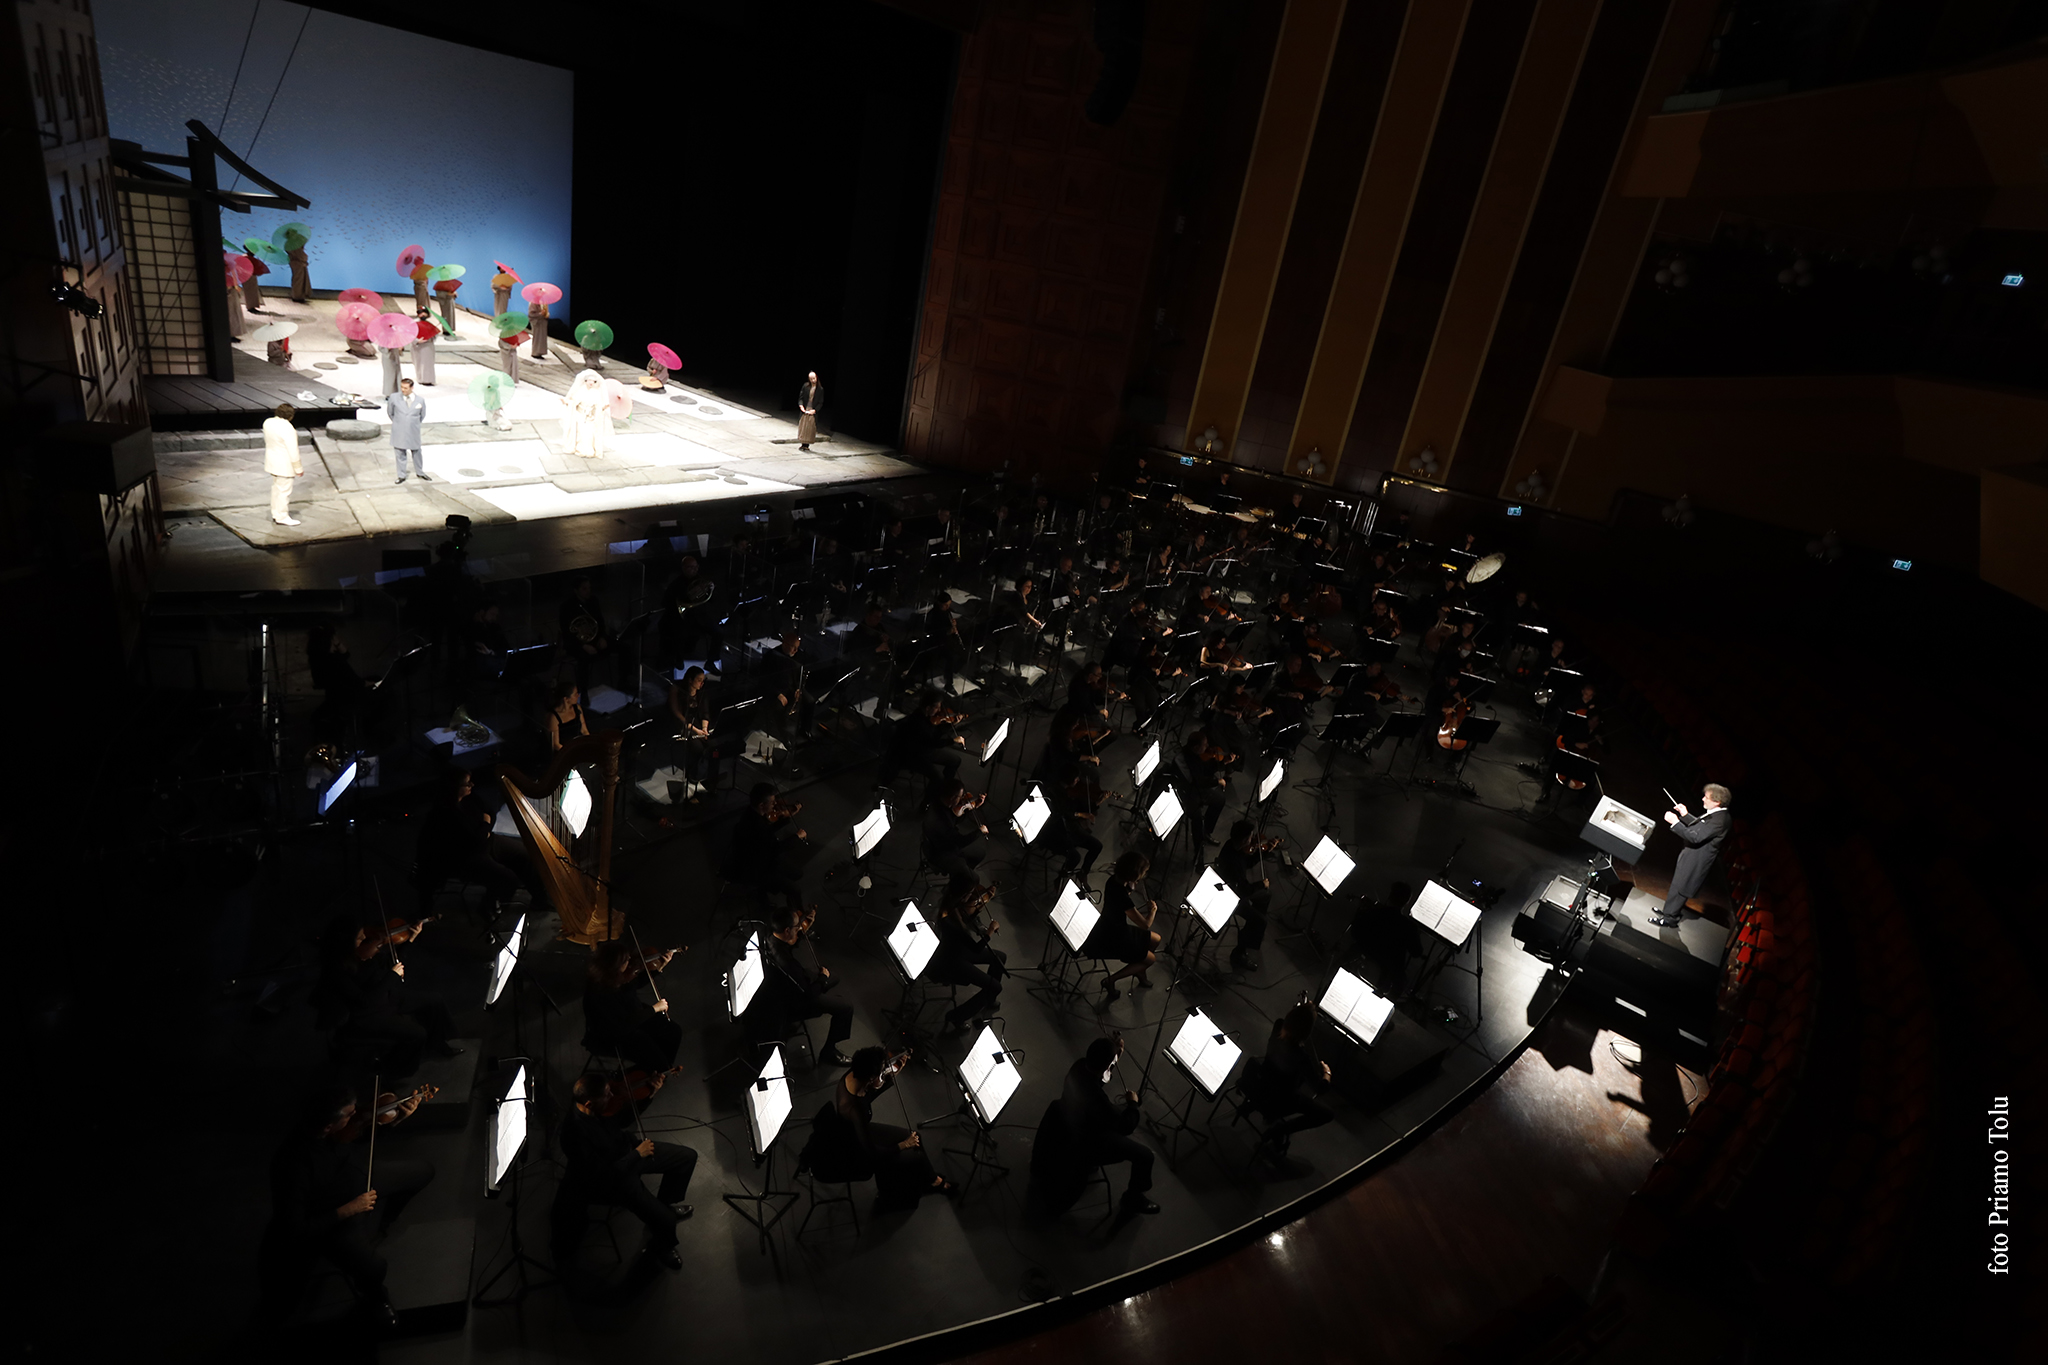 Ph. Priamo Tolu - Teatro Lirico di Cagliari